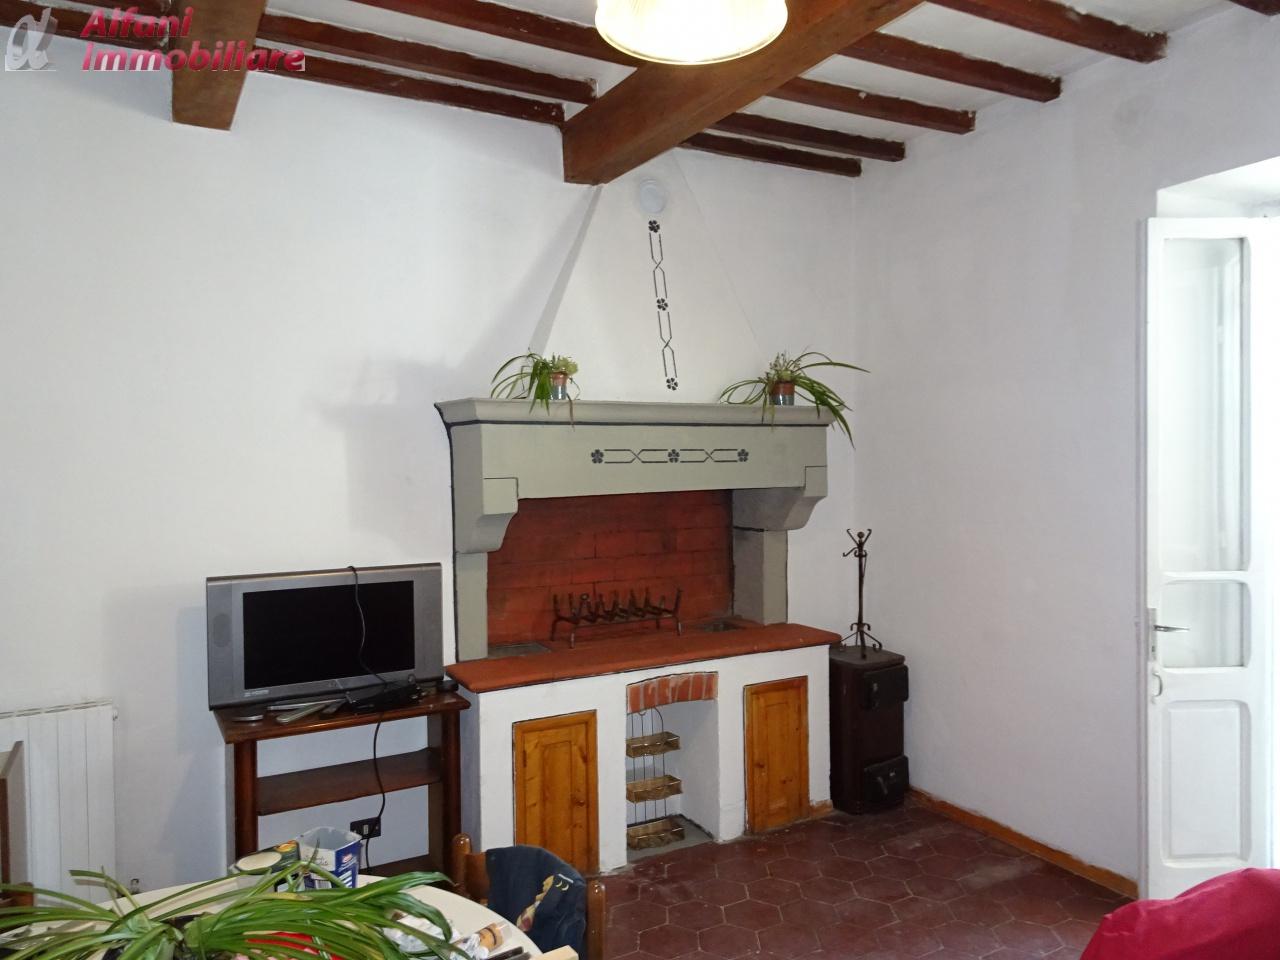 Appartamento in vendita a Bibbiena, 3 locali, prezzo € 65.000 | PortaleAgenzieImmobiliari.it